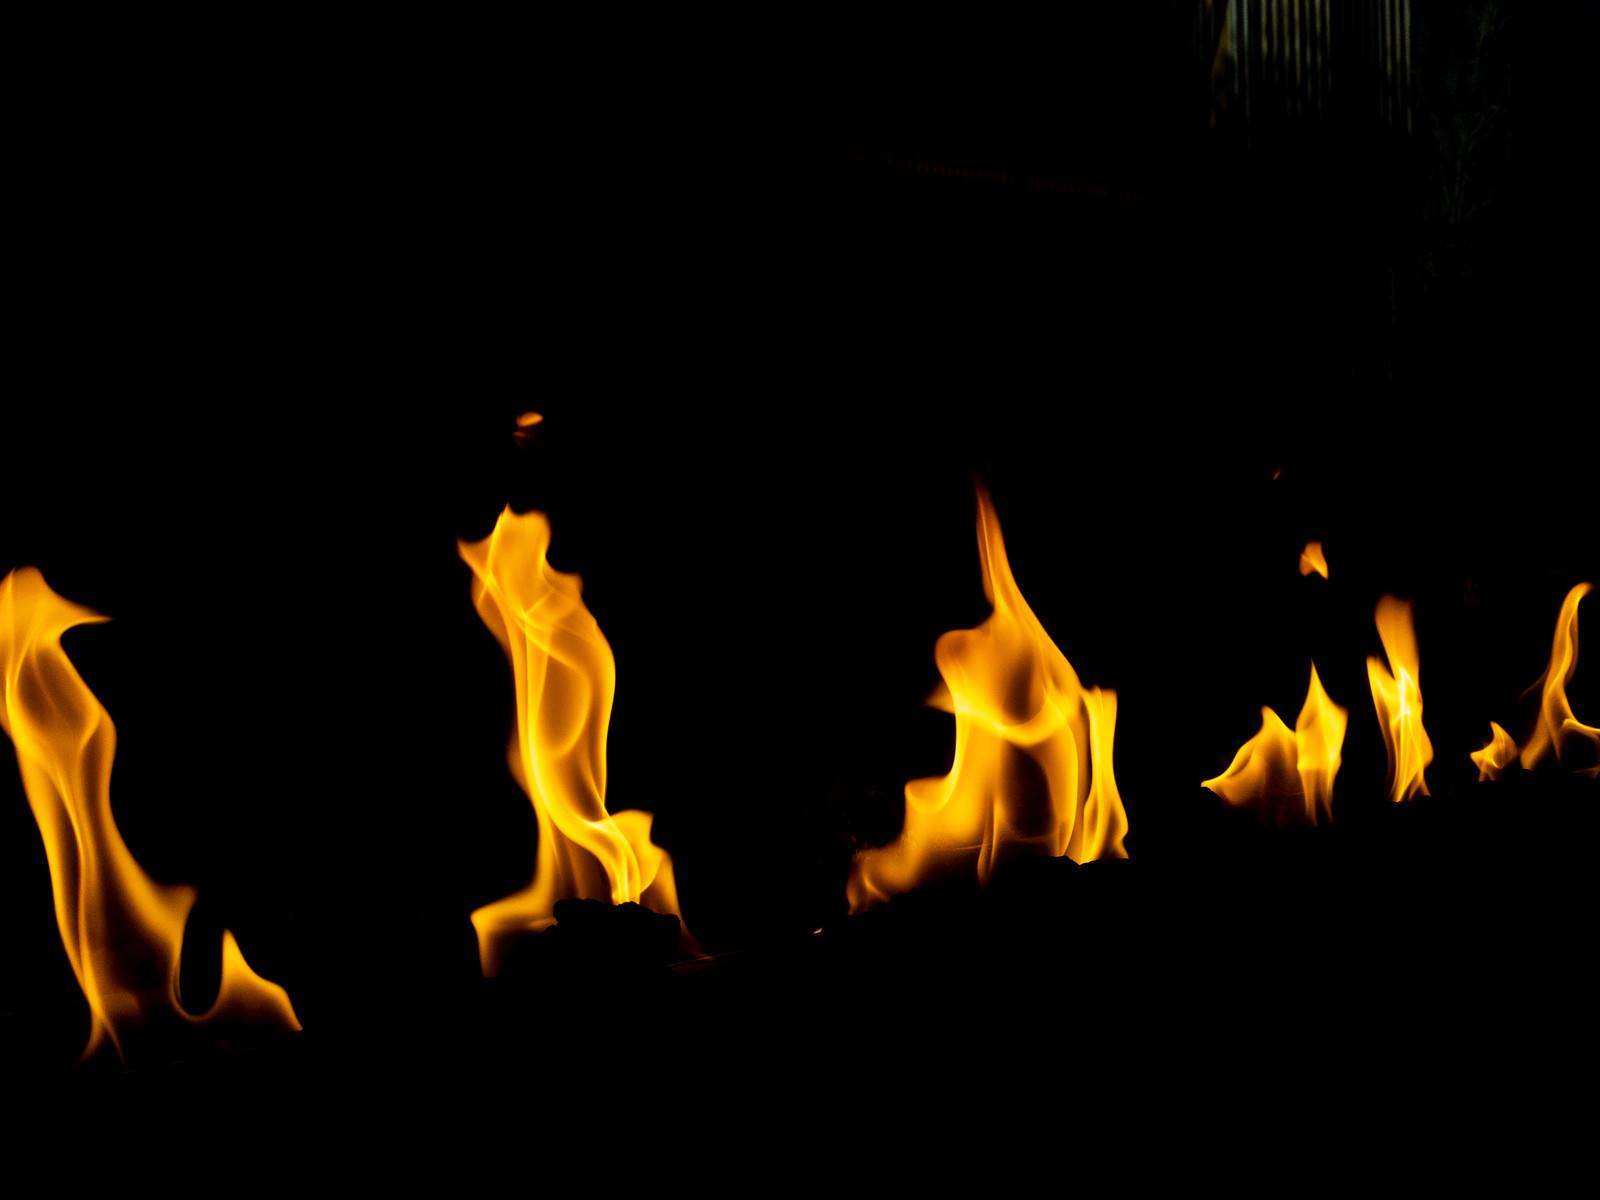 「燃えつづける炎」の写真